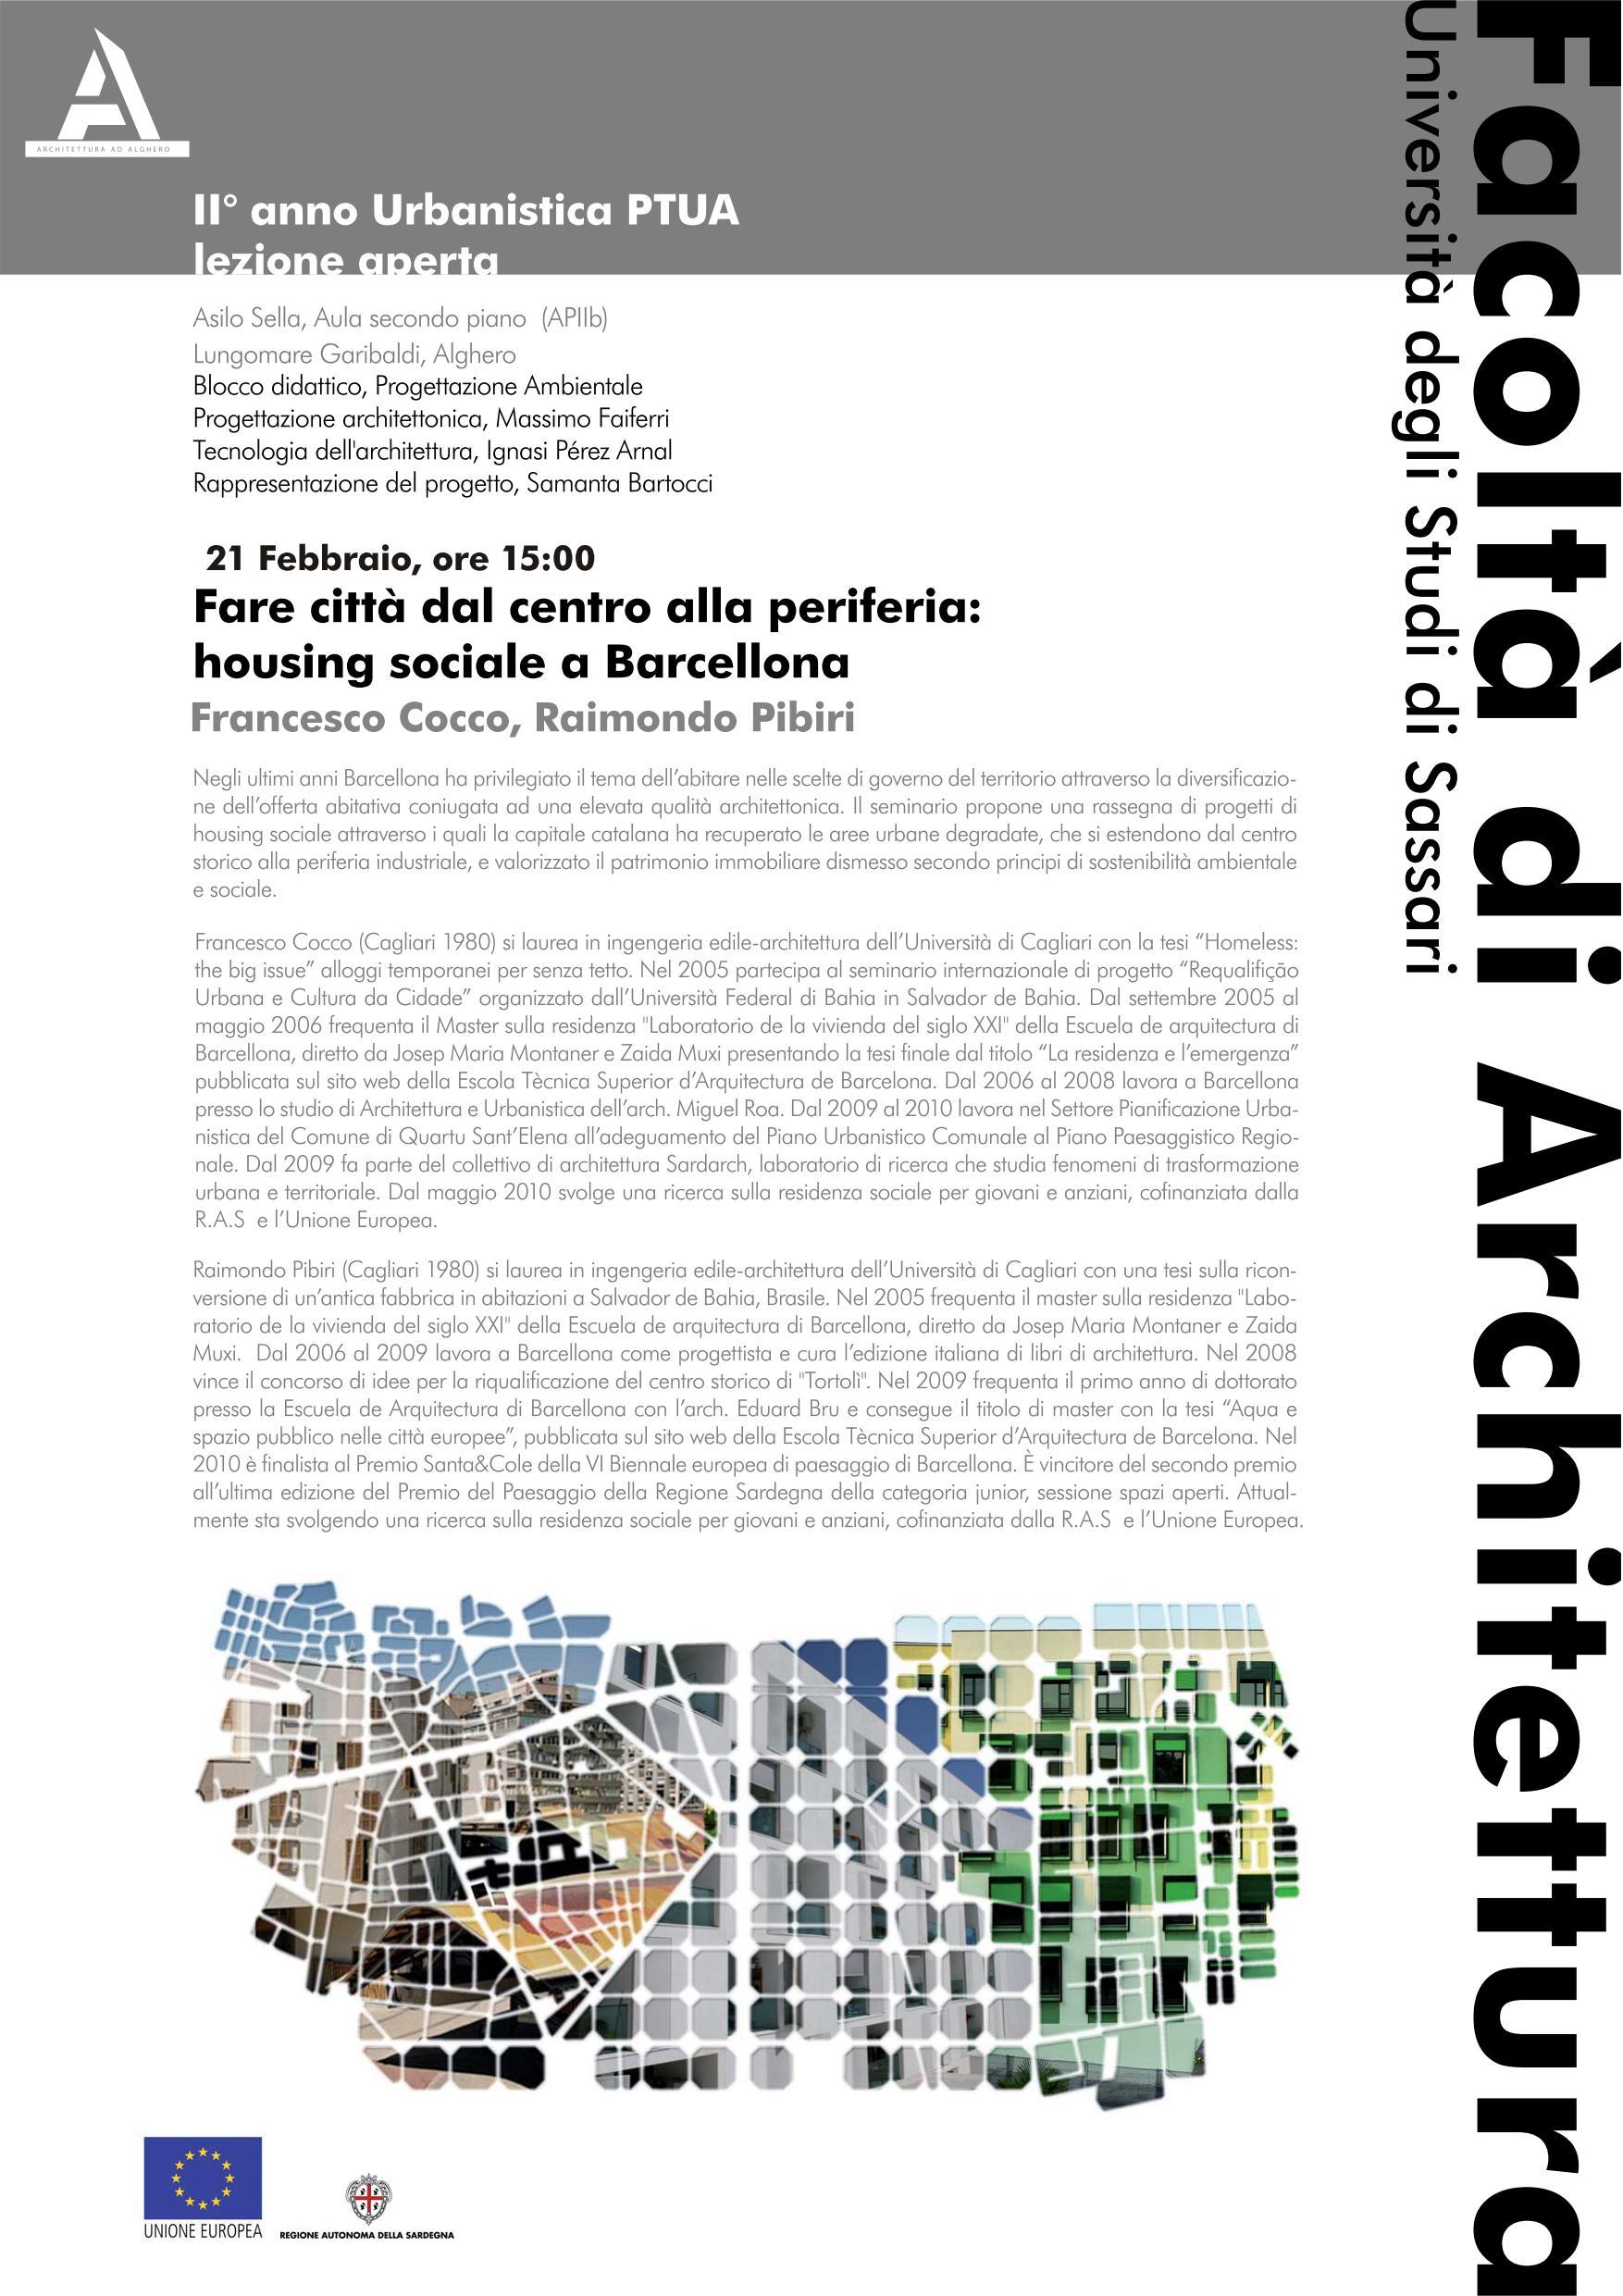 Fare città dal centro alla periferia:  housing sociale a Barcellona